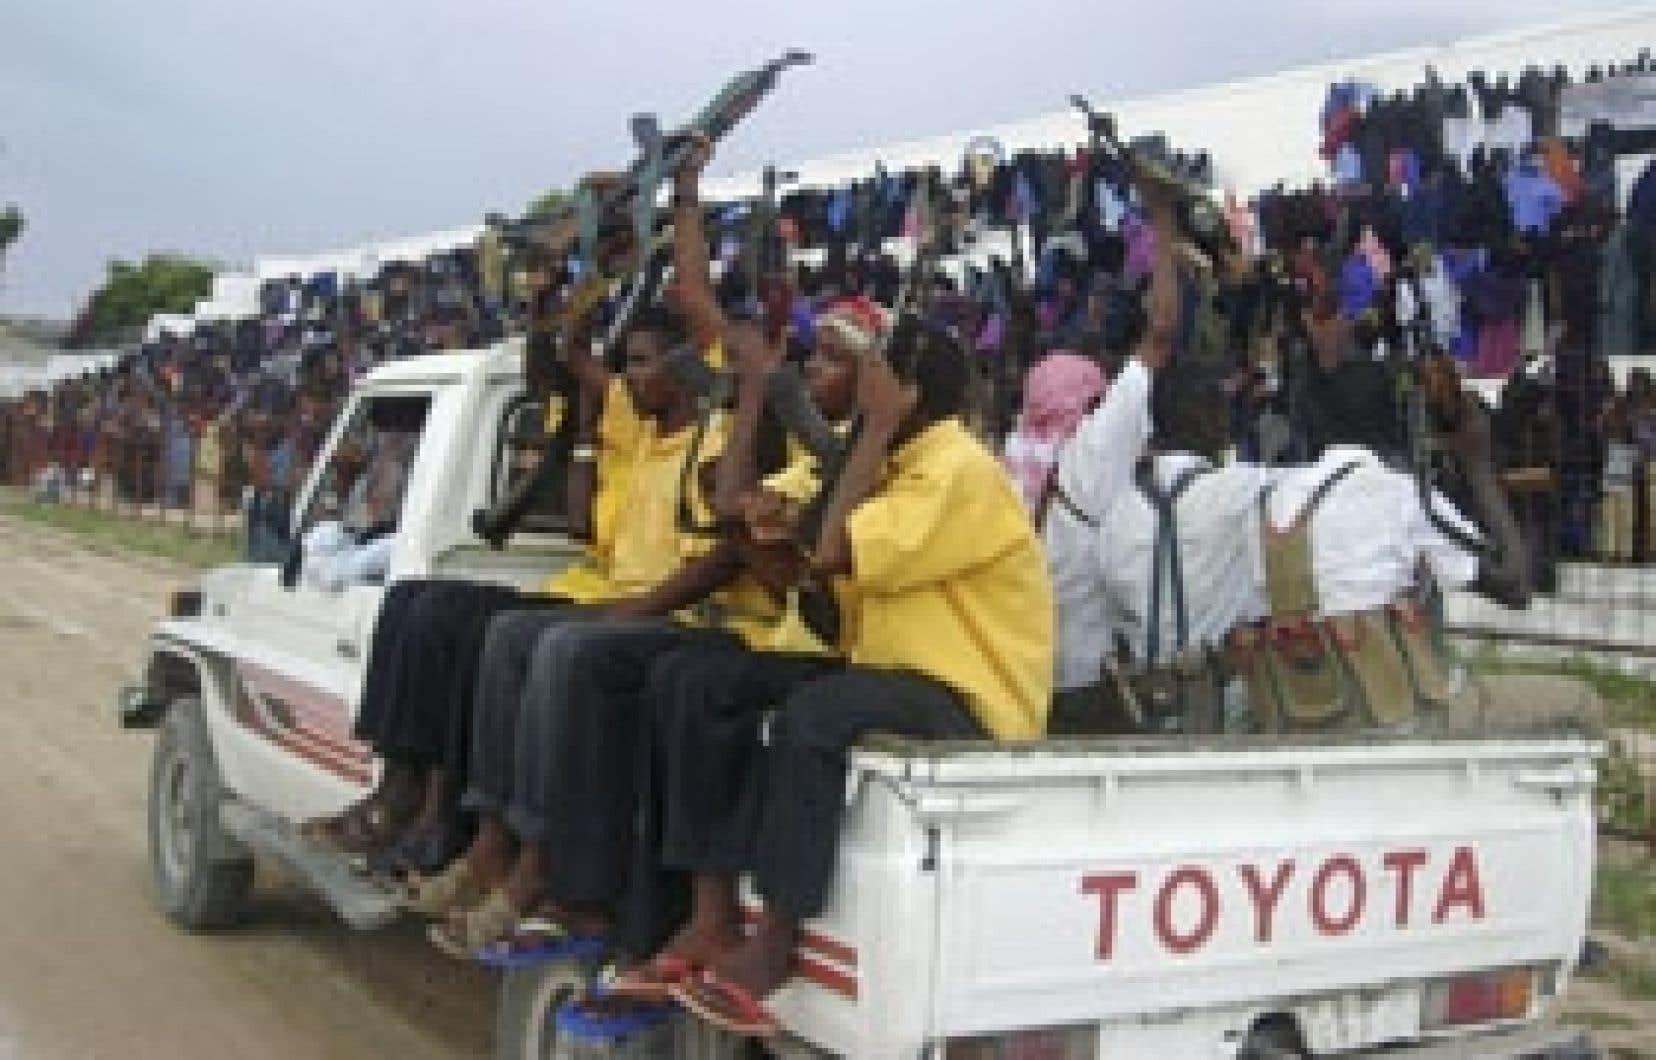 Manifestation contre le déploiement prévu d'une force des Nations unies en Somalie.